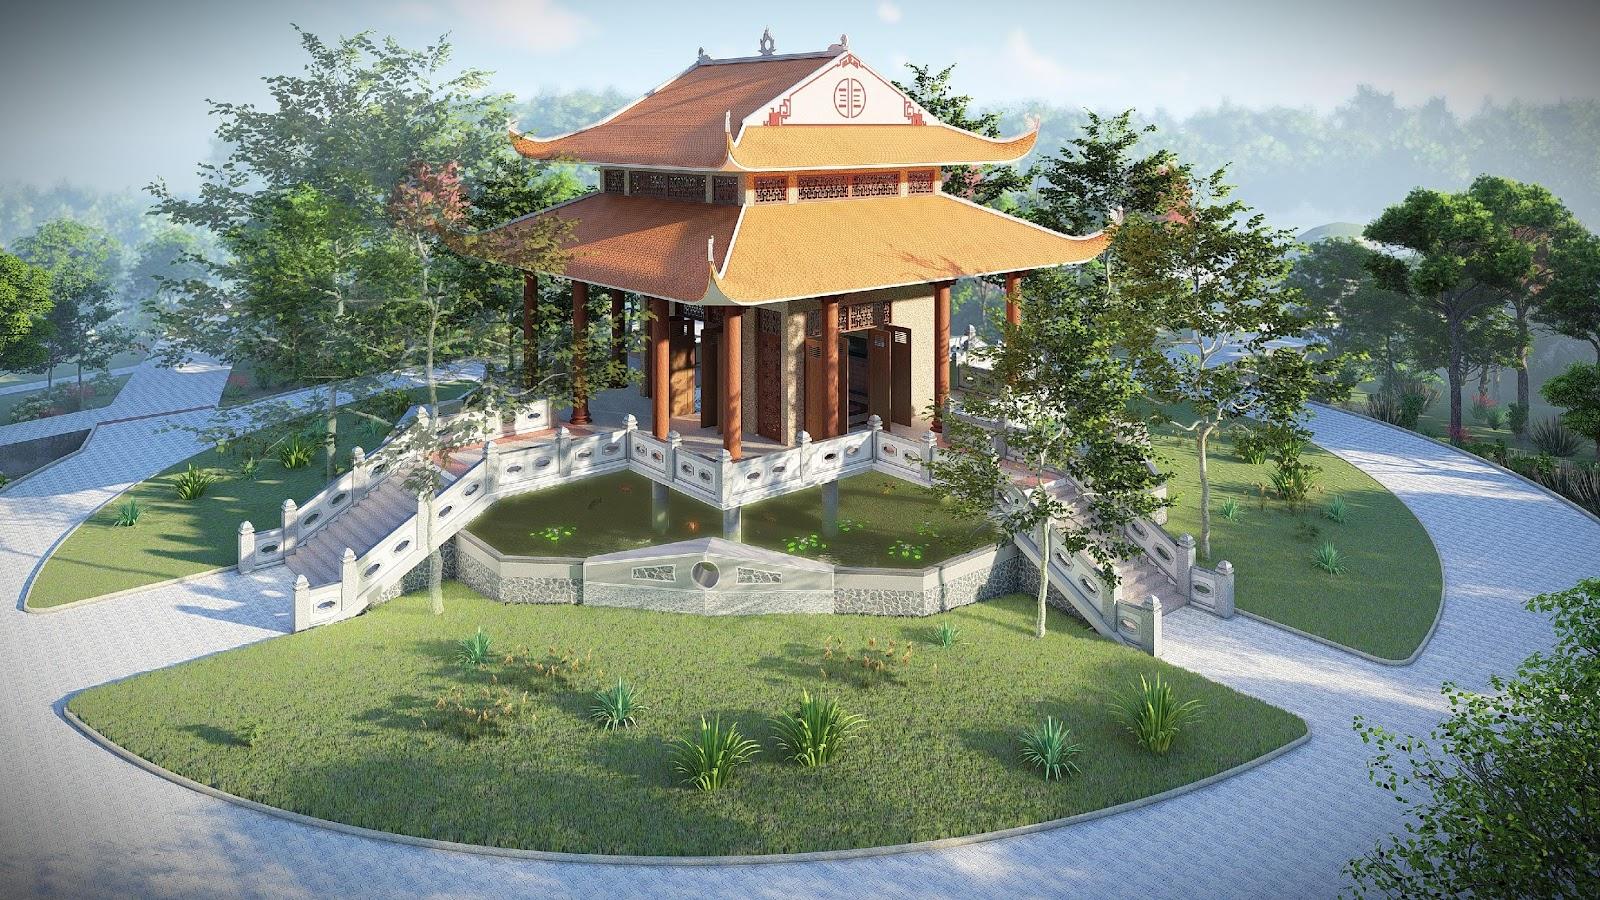 1. Đền thờ tại Khu di tích lịch sử Cách mạng Tức Dụp đang được Sao Mai Group đầu tư xây mới